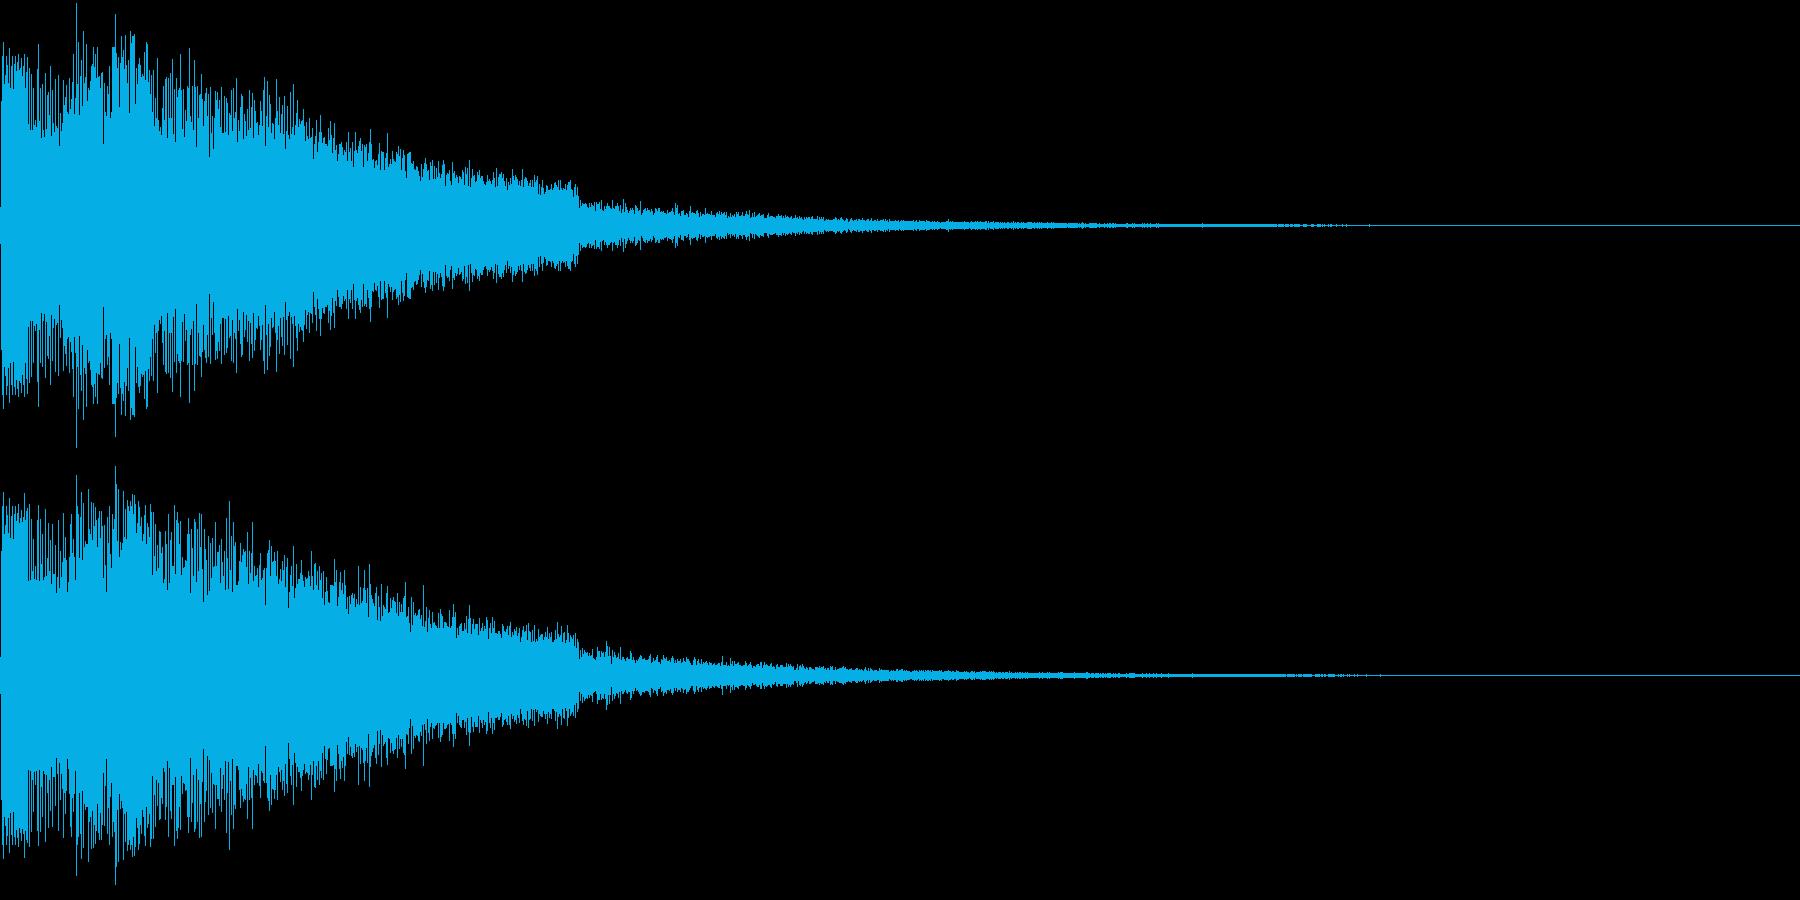 ピキューン ジャンプ ポヨーン Aの再生済みの波形